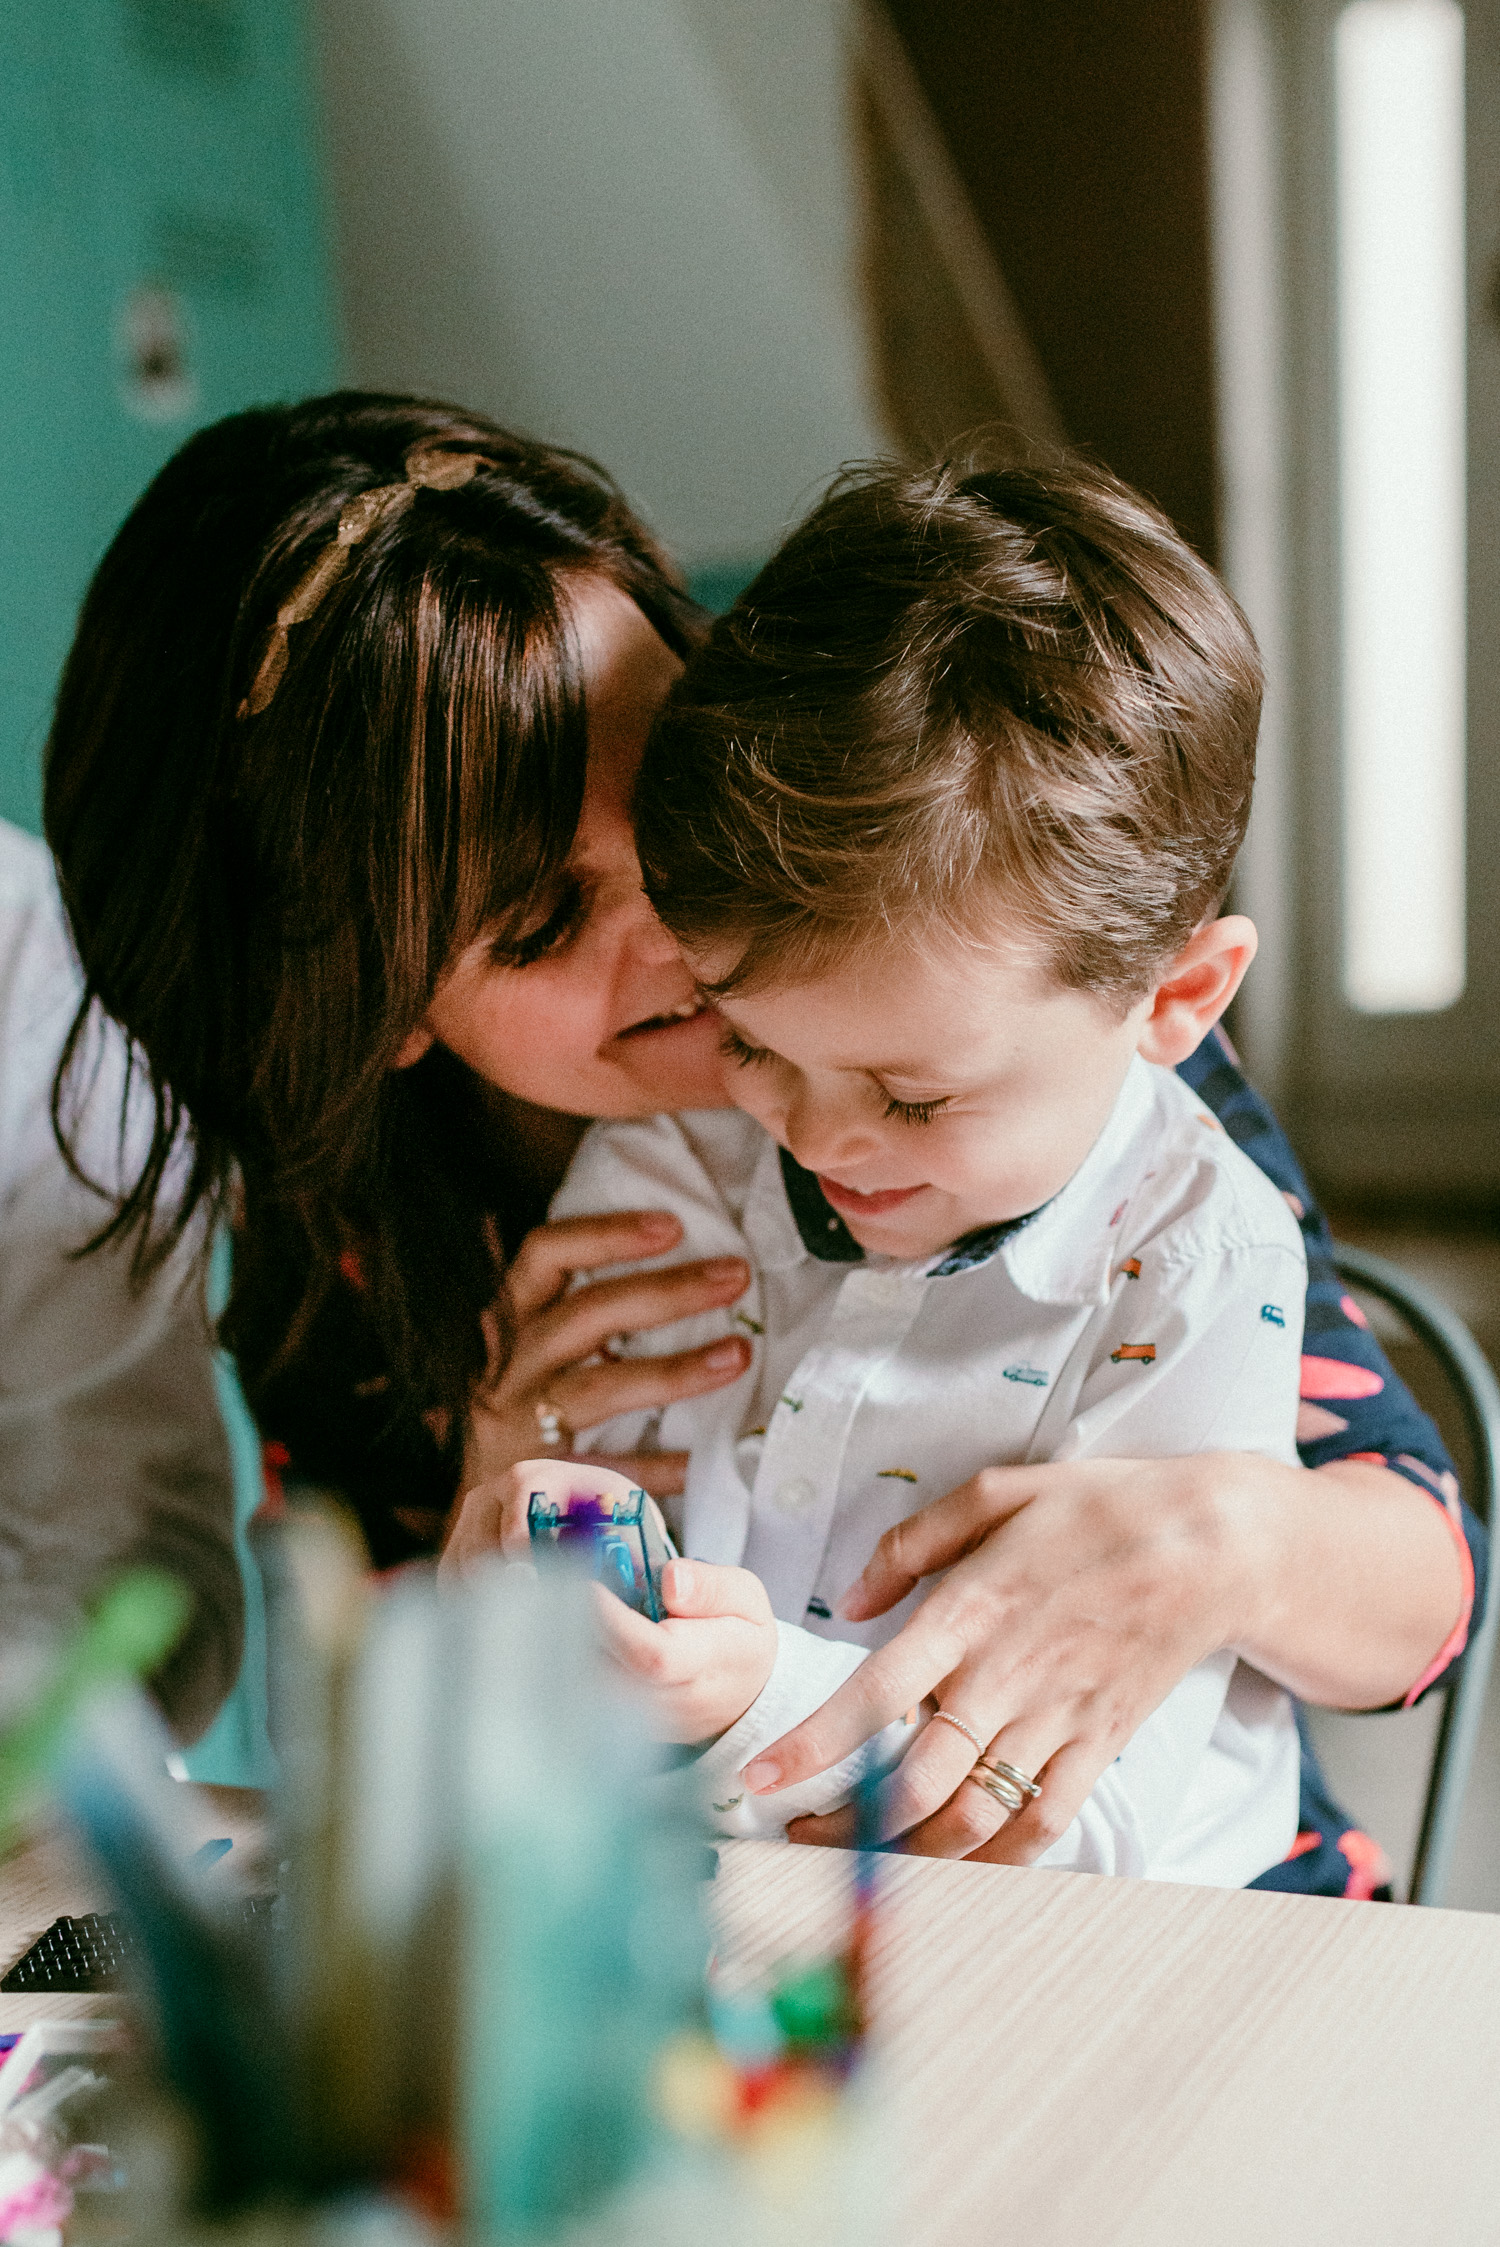 une maman et son fils sourient, la maman lui fait un câlin. Ils sont proches et ont une relation très spéciale et cela se voit.